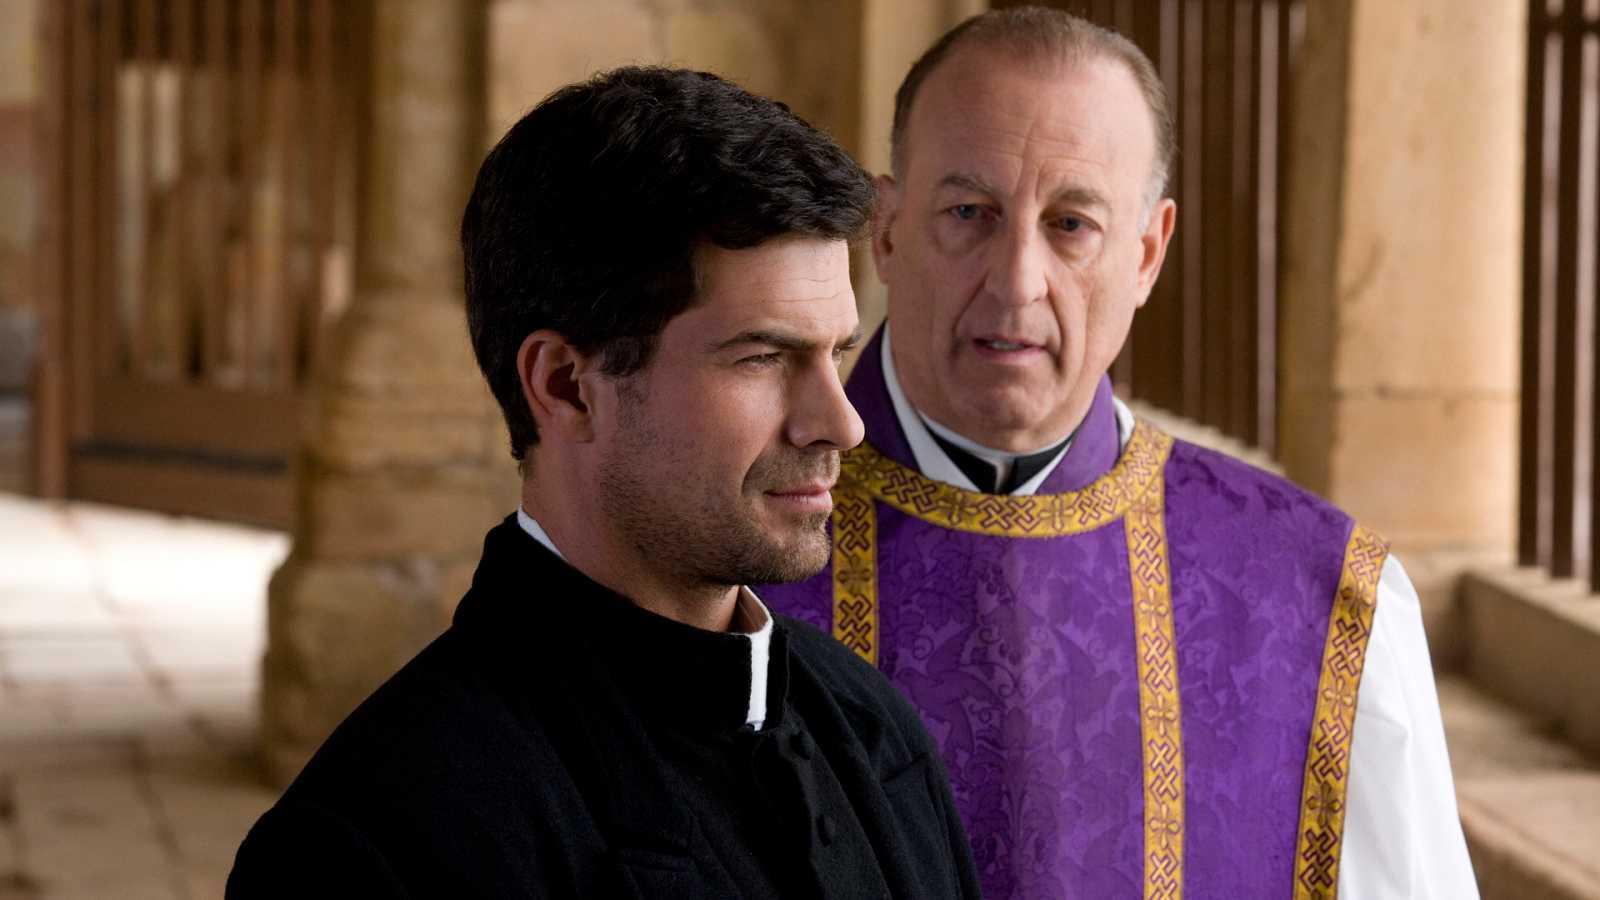 La Señora - Capítulo 30 - La pasión de los enamorados hace que Angel y Victoria se encuentren en una playa solitaria - Ver ahora